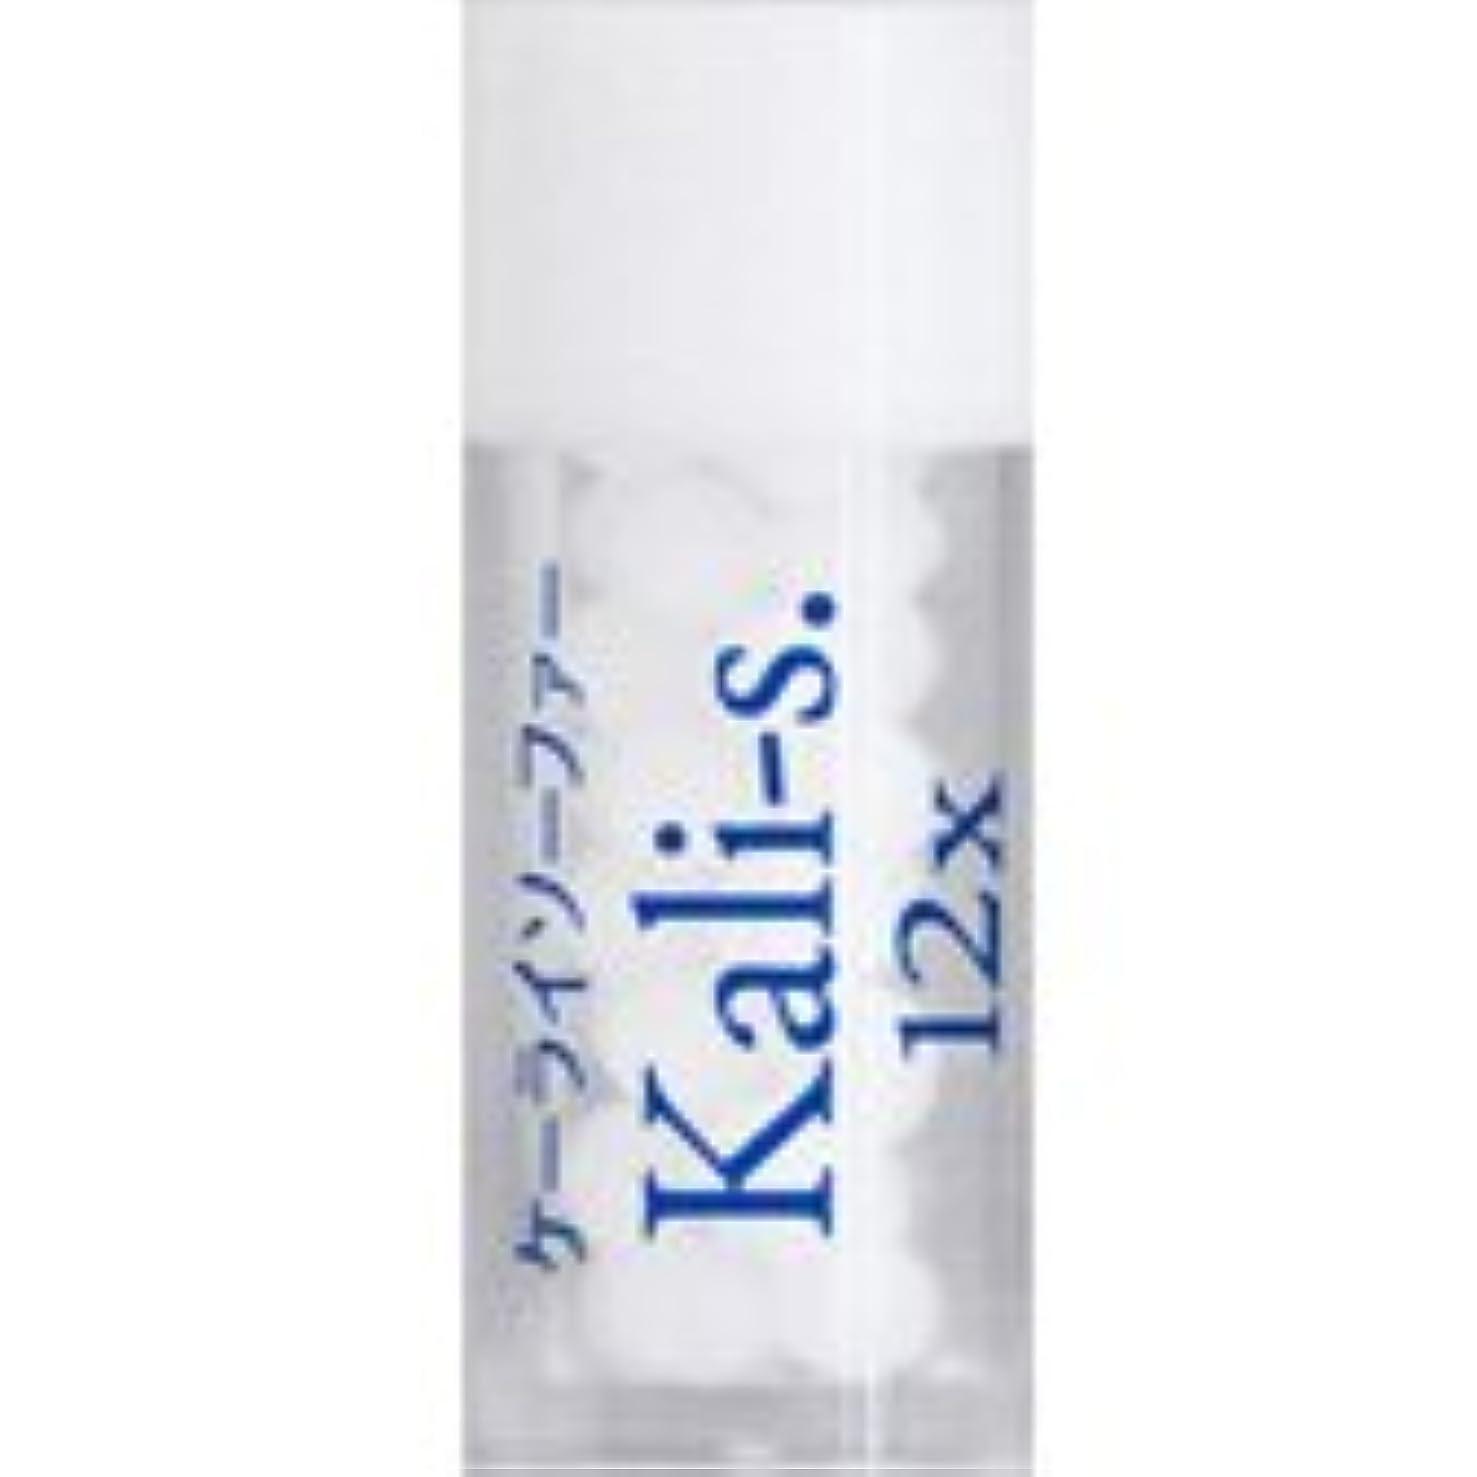 細菌後ろに繊毛36バイタルエレメントキット 対応 各種 (7)Kali-s.12X ケーライソーファー)